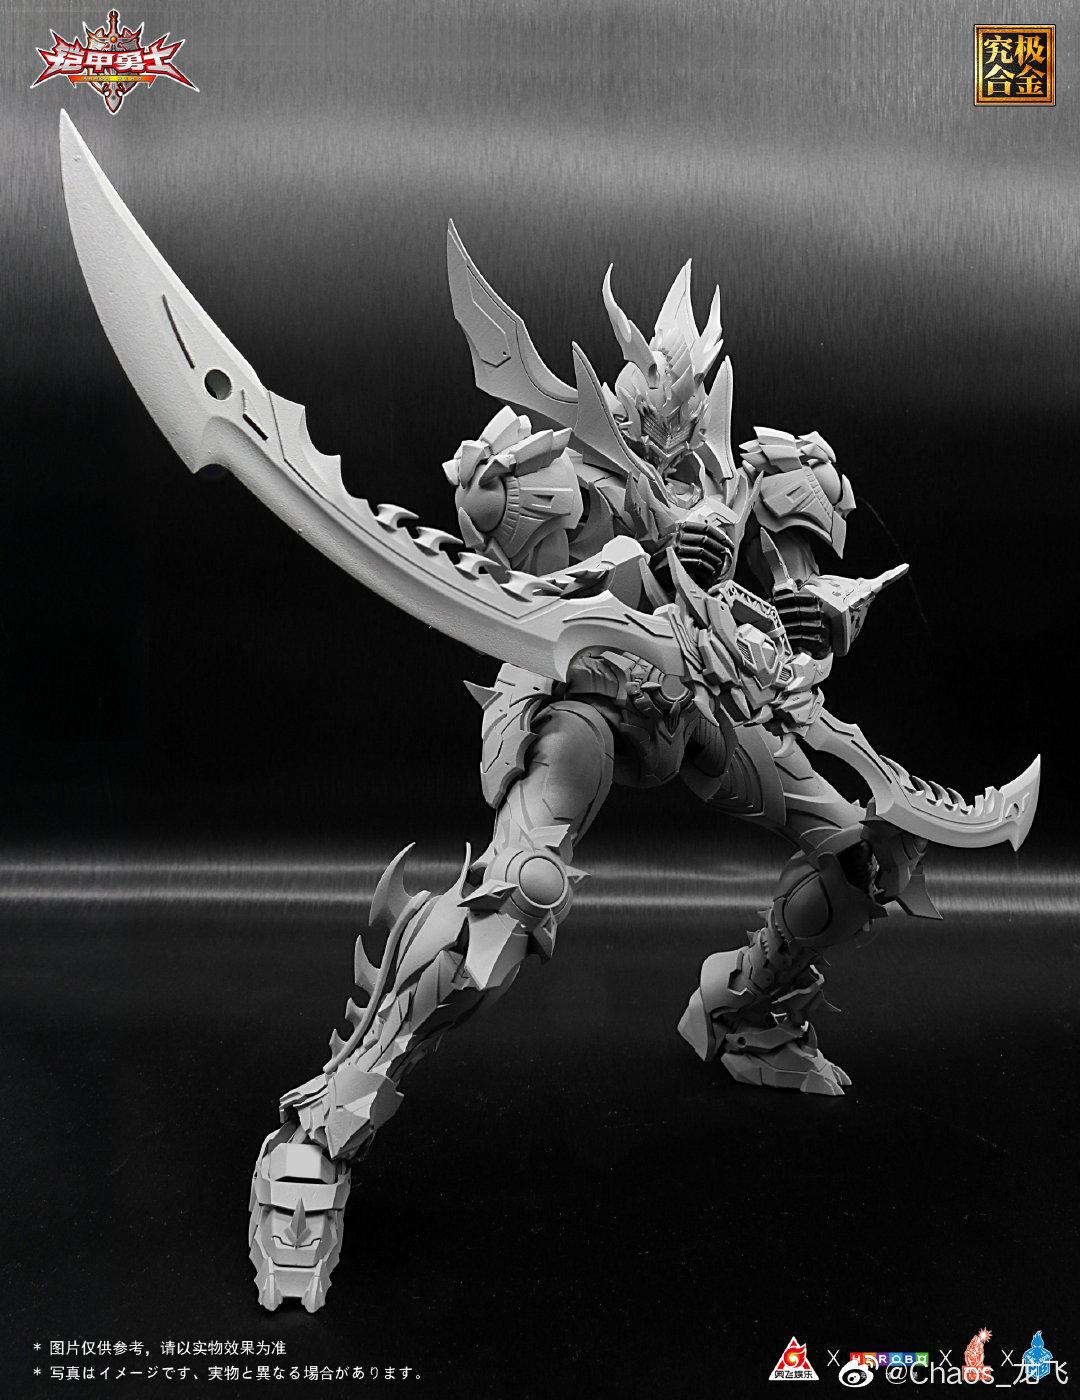 S536_snap_Armor_hero_Emperor_enryu_007.jpg